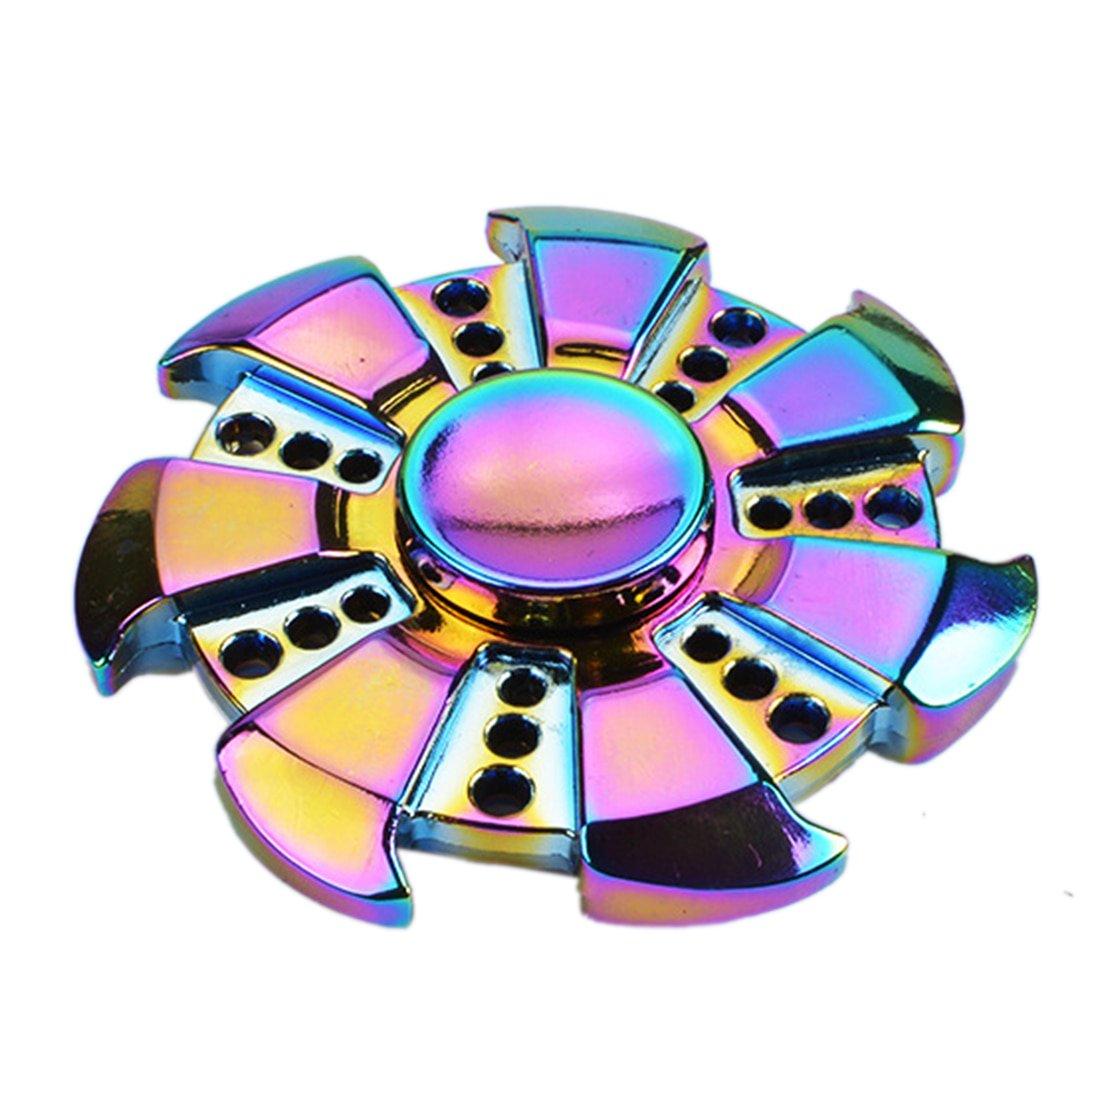 test Twitter Media - #fidgetspinner UFO Rainbow Fidget Spinner https://t.co/W7815eo5wy https://t.co/gJWz7A8G5Q